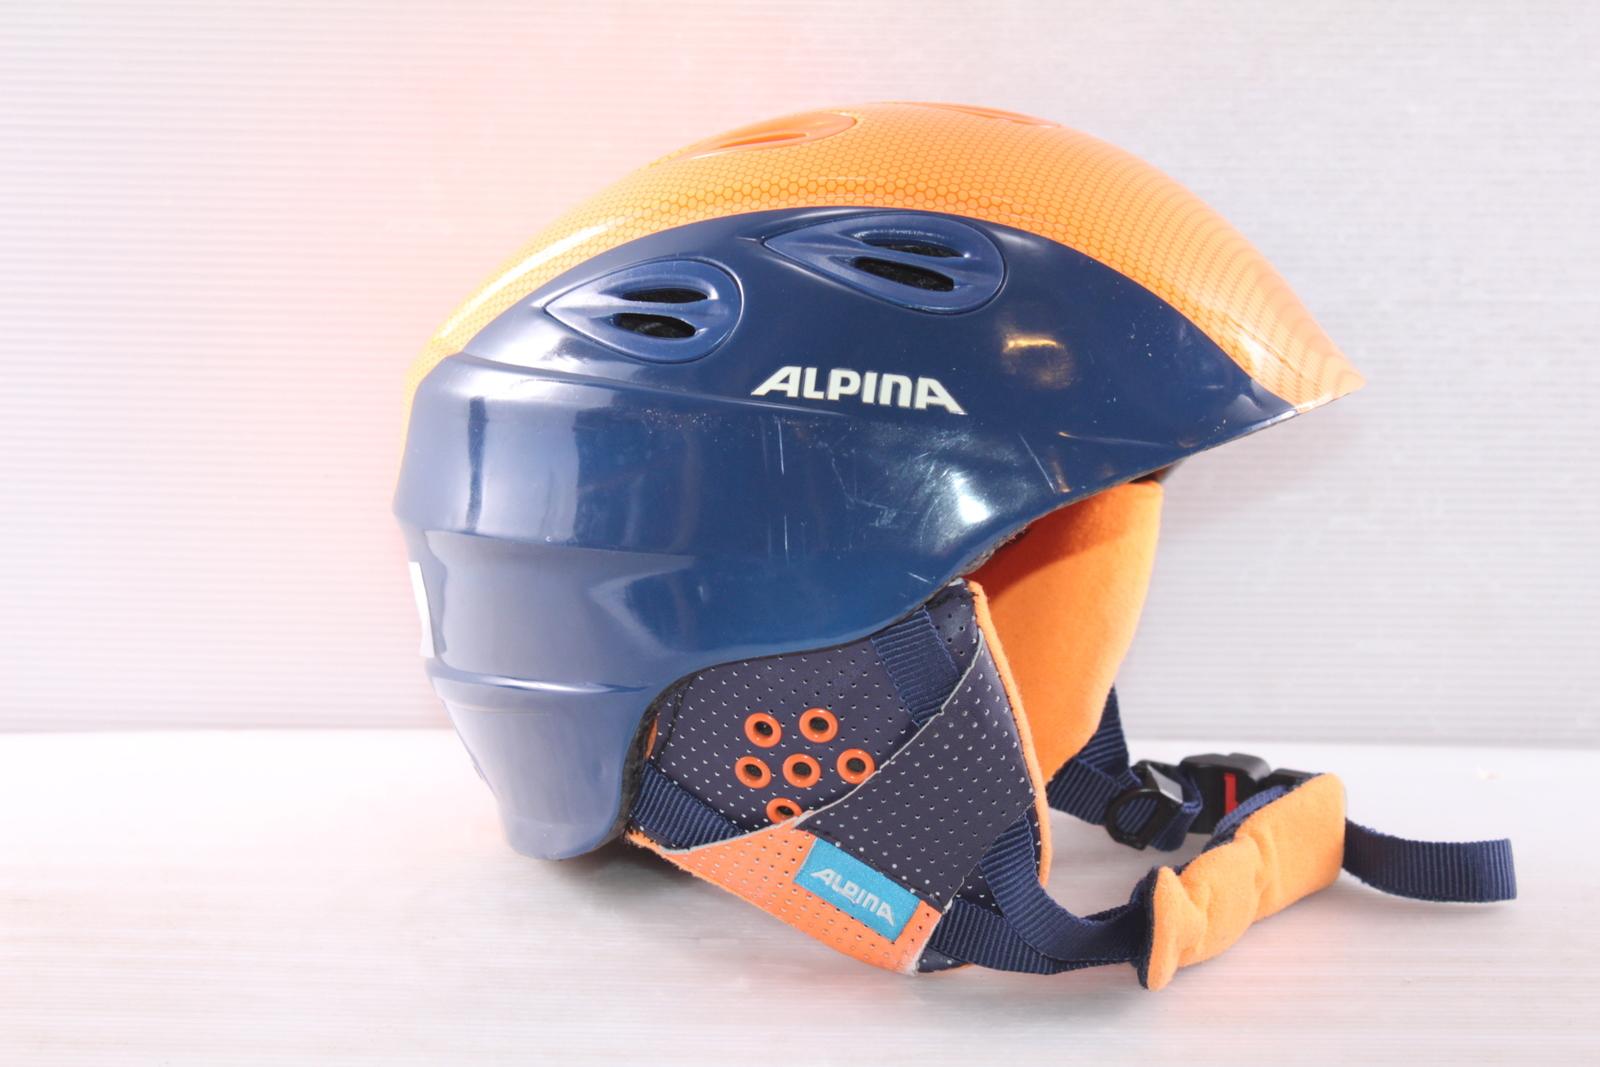 Dětská lyžařská helma Alpina Grap 2.0 JR. - posuvná vel. 54 - 57